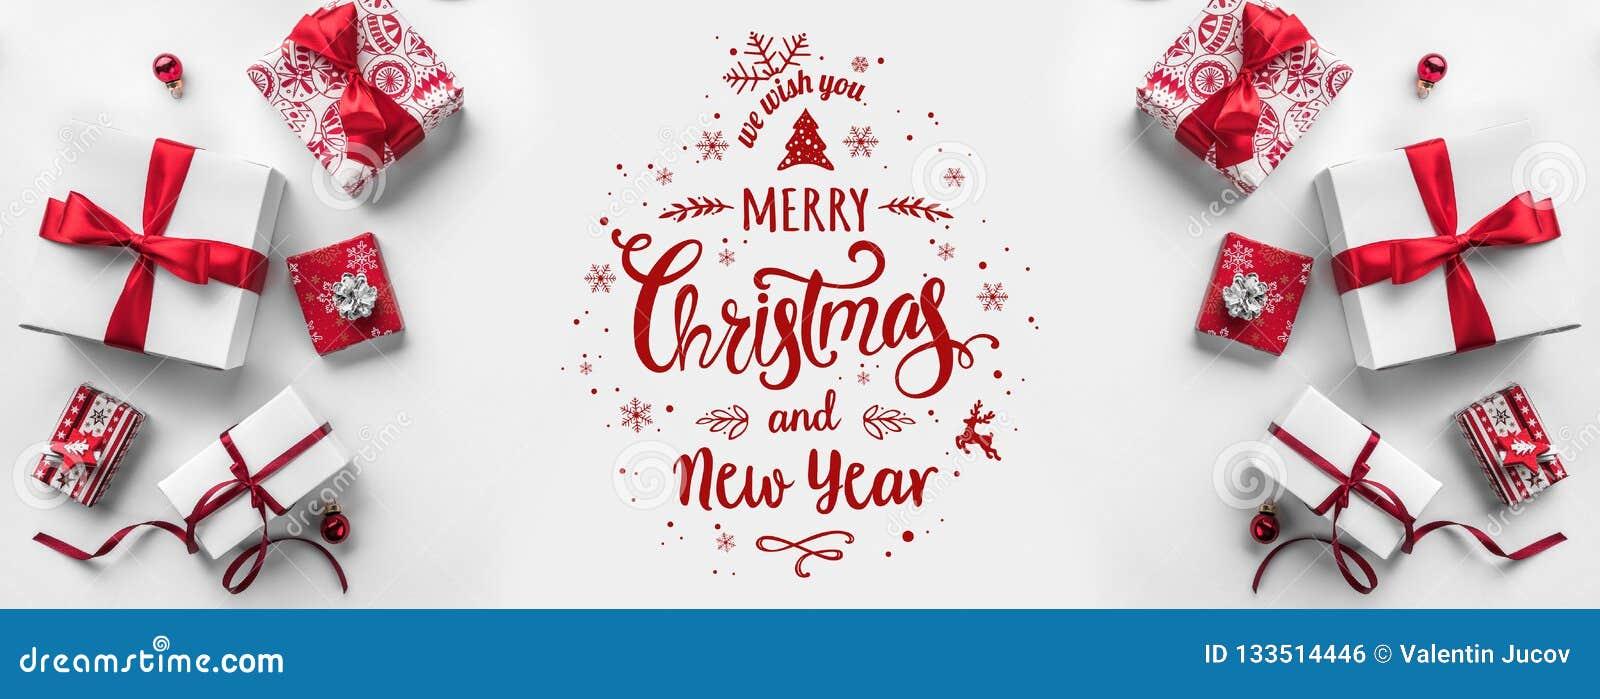 Glad jul som är typografisk på vit bakgrund med gåvaaskar och röd garnering